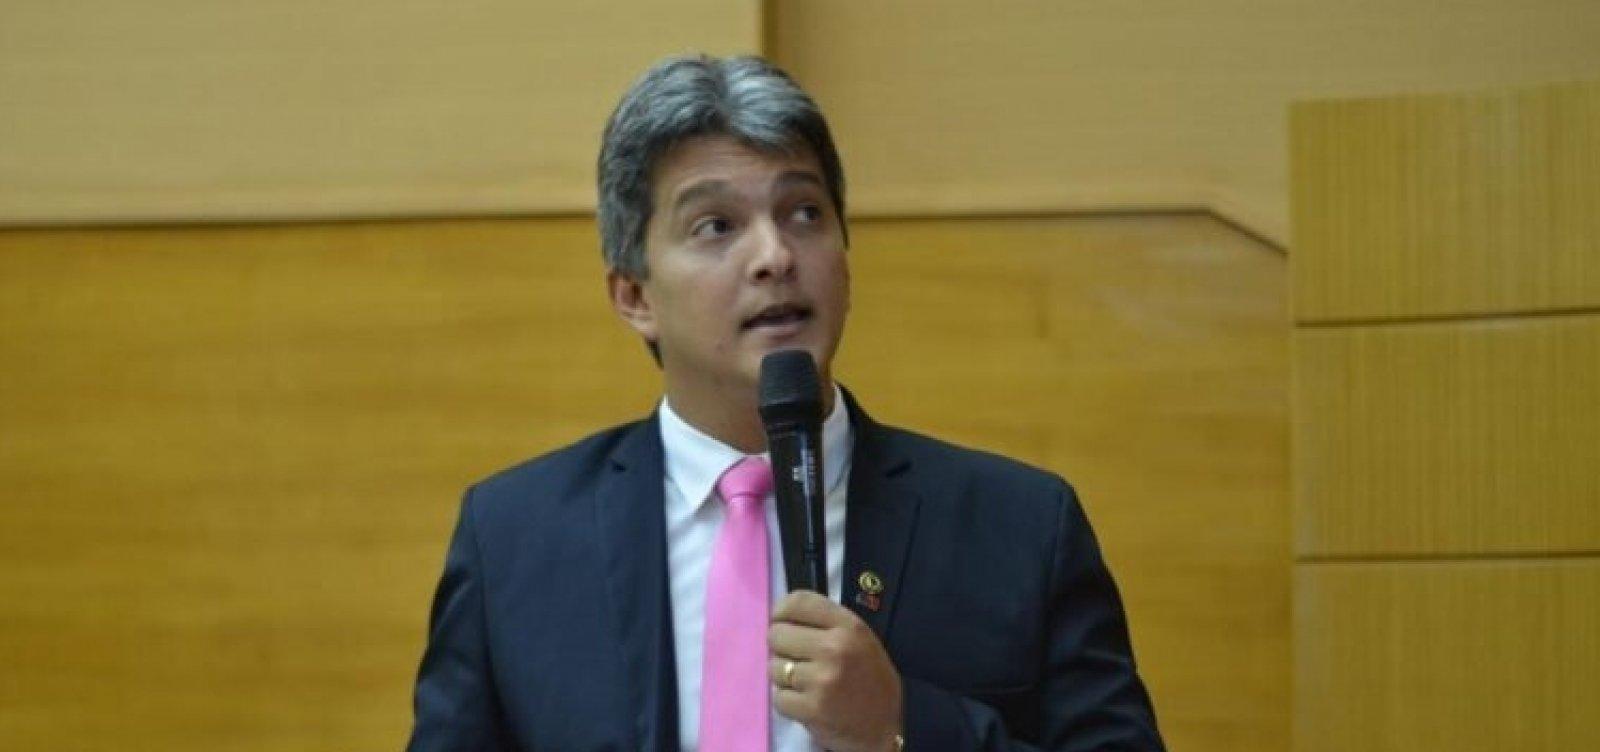 [Líder da oposição em Sergipe pede que estado seja retirado do Consórcio do Nordeste]